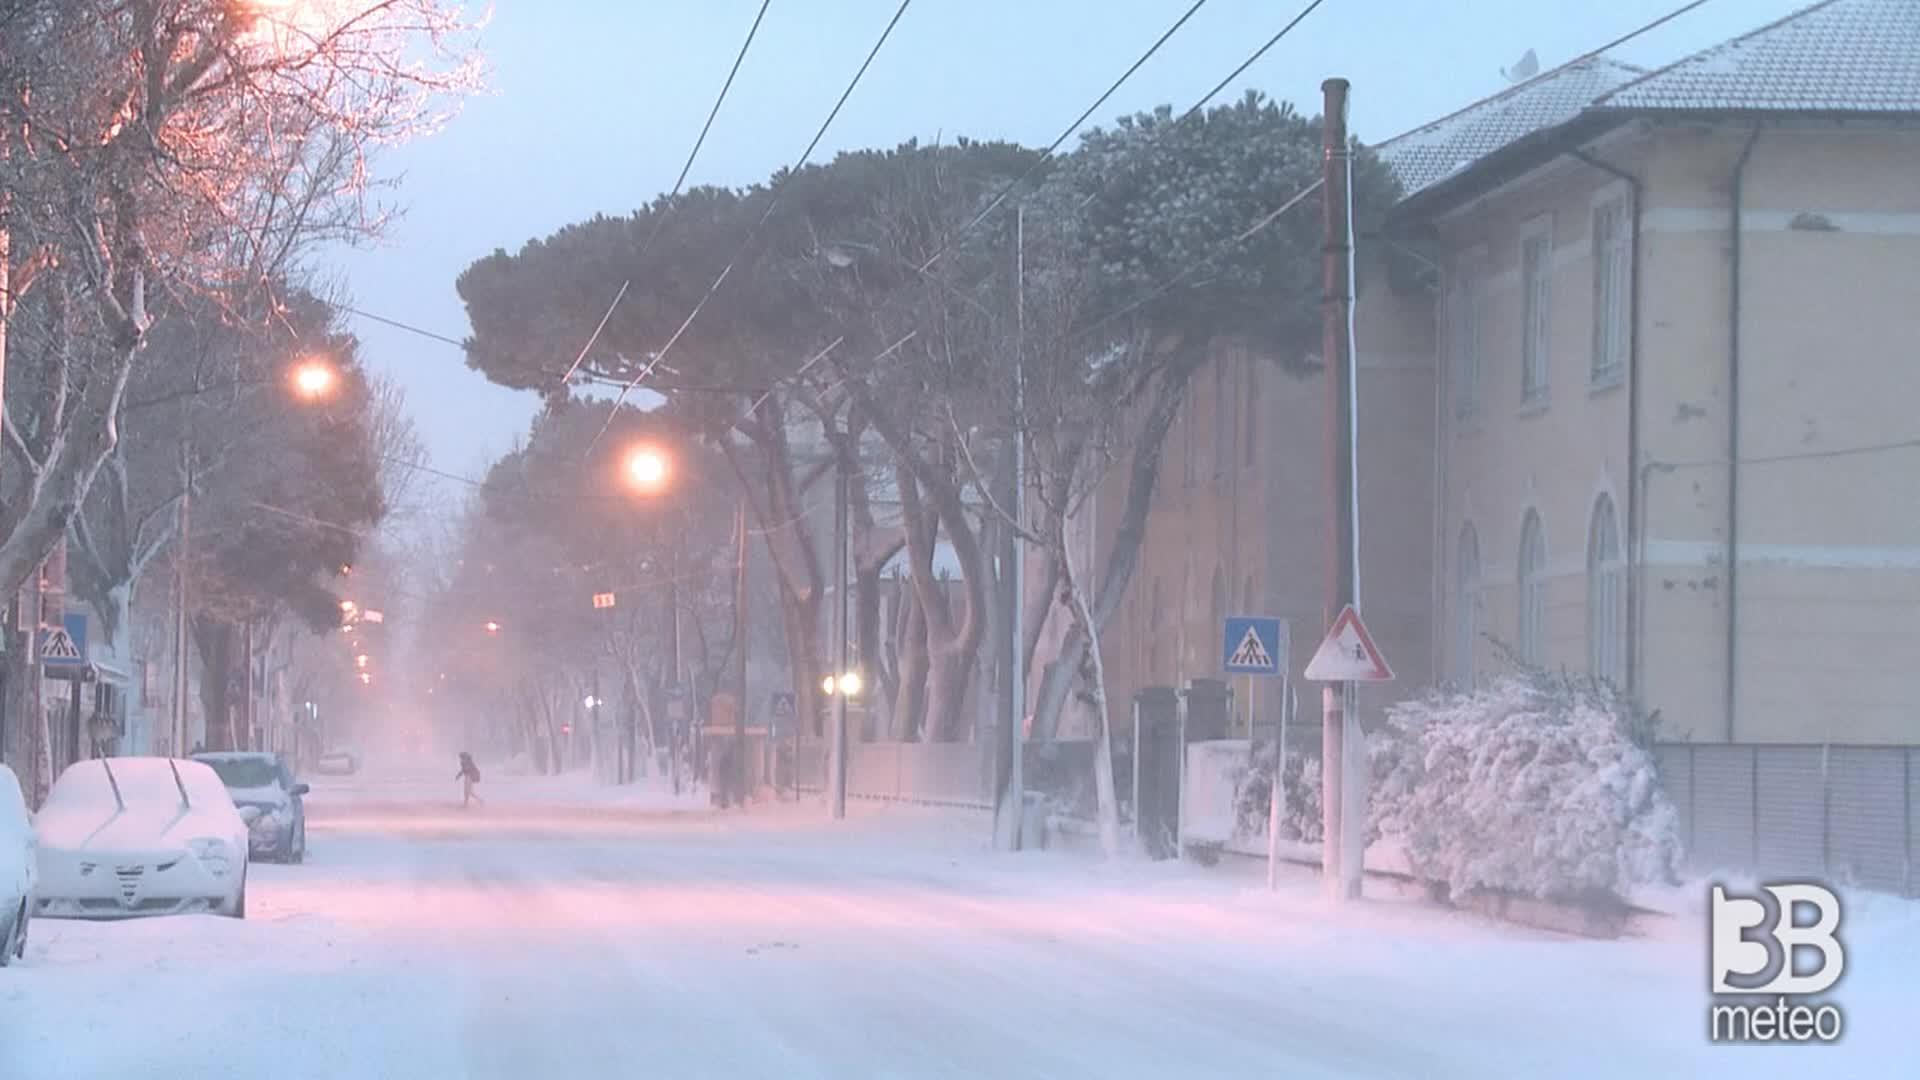 La grande nevicata del 2012: blizzard nevoso colpisce Rimini